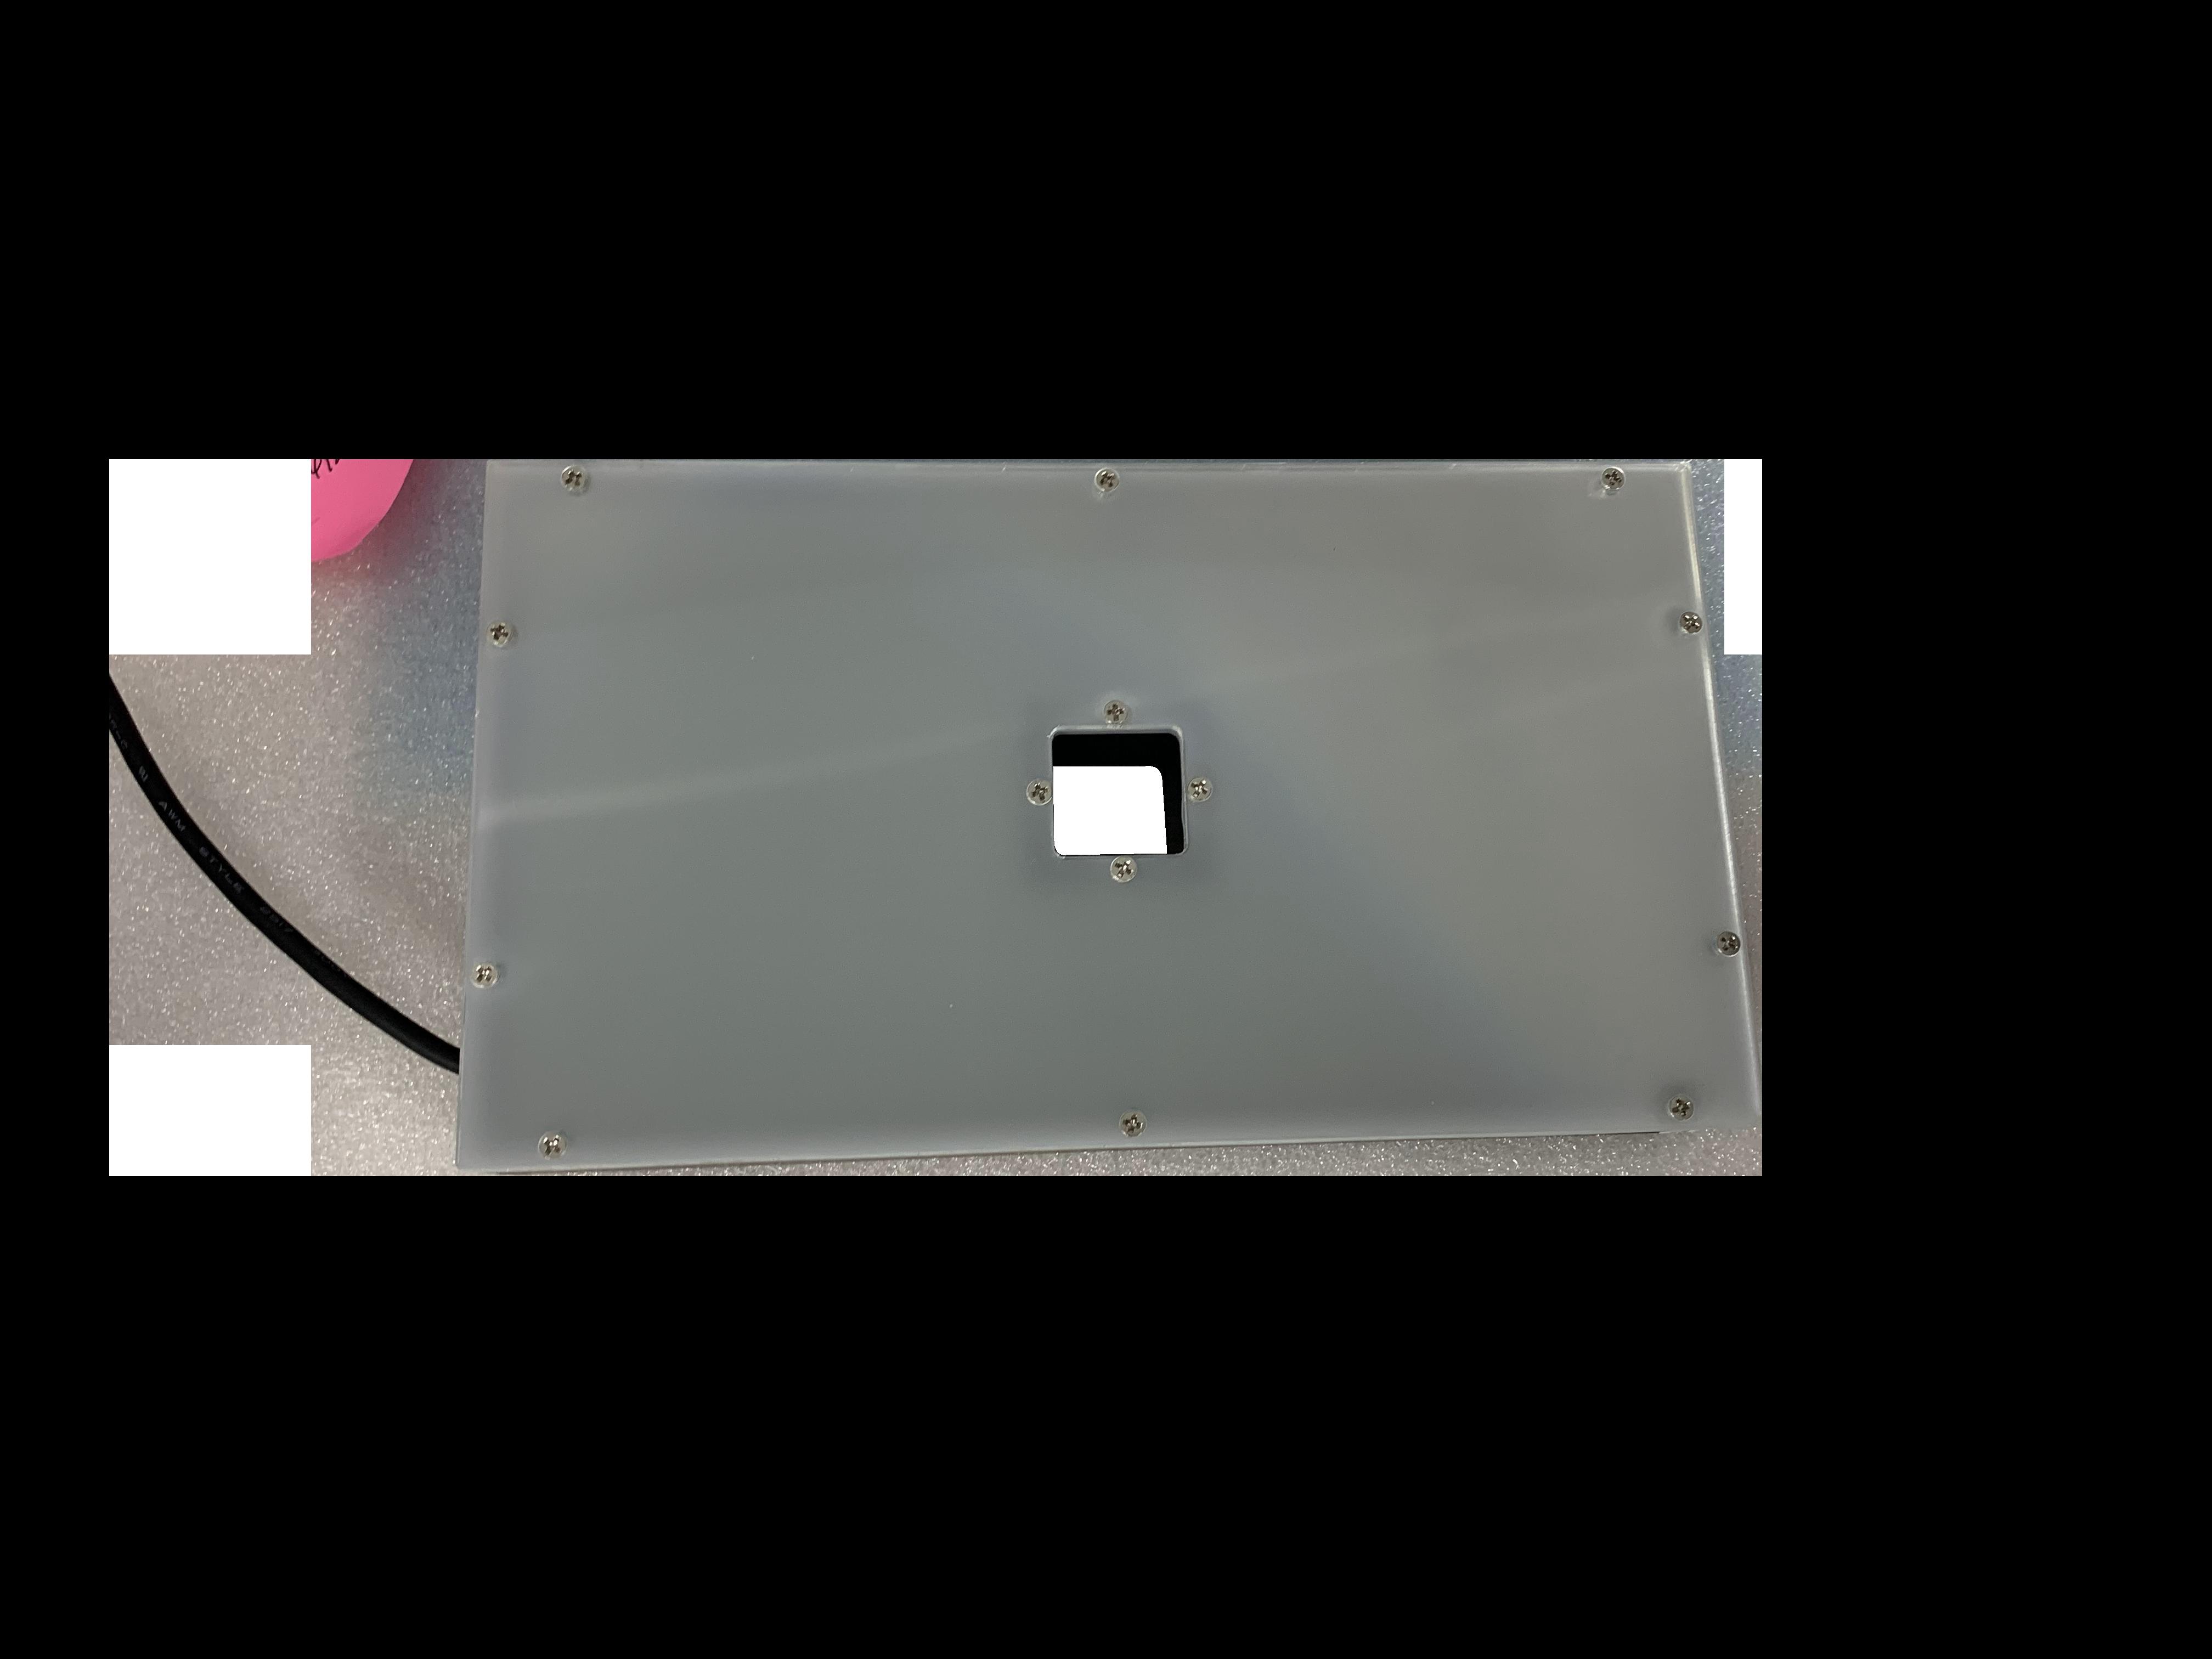 開孔平行面光源 PHFL17492K-K20